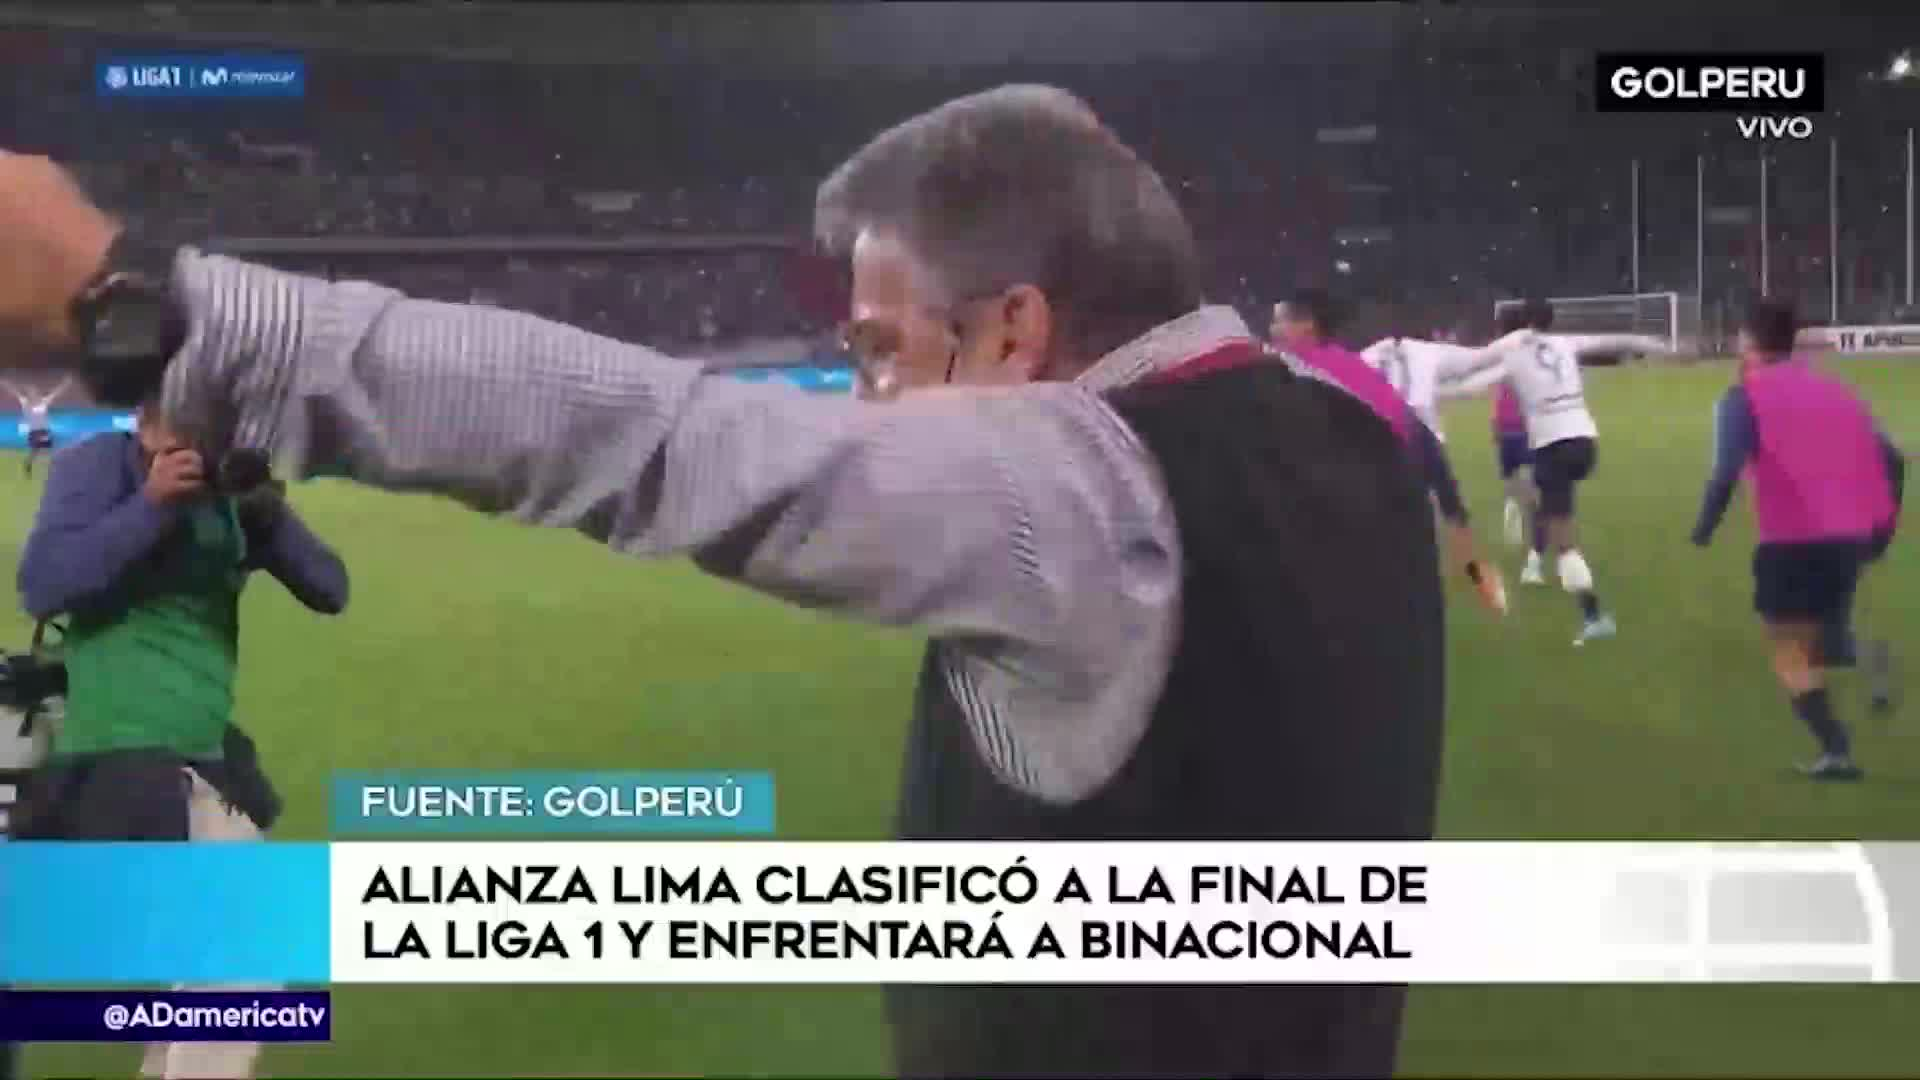 Alianza Lima pasó a la final de la Liga 1 y enfrentará a Binacional